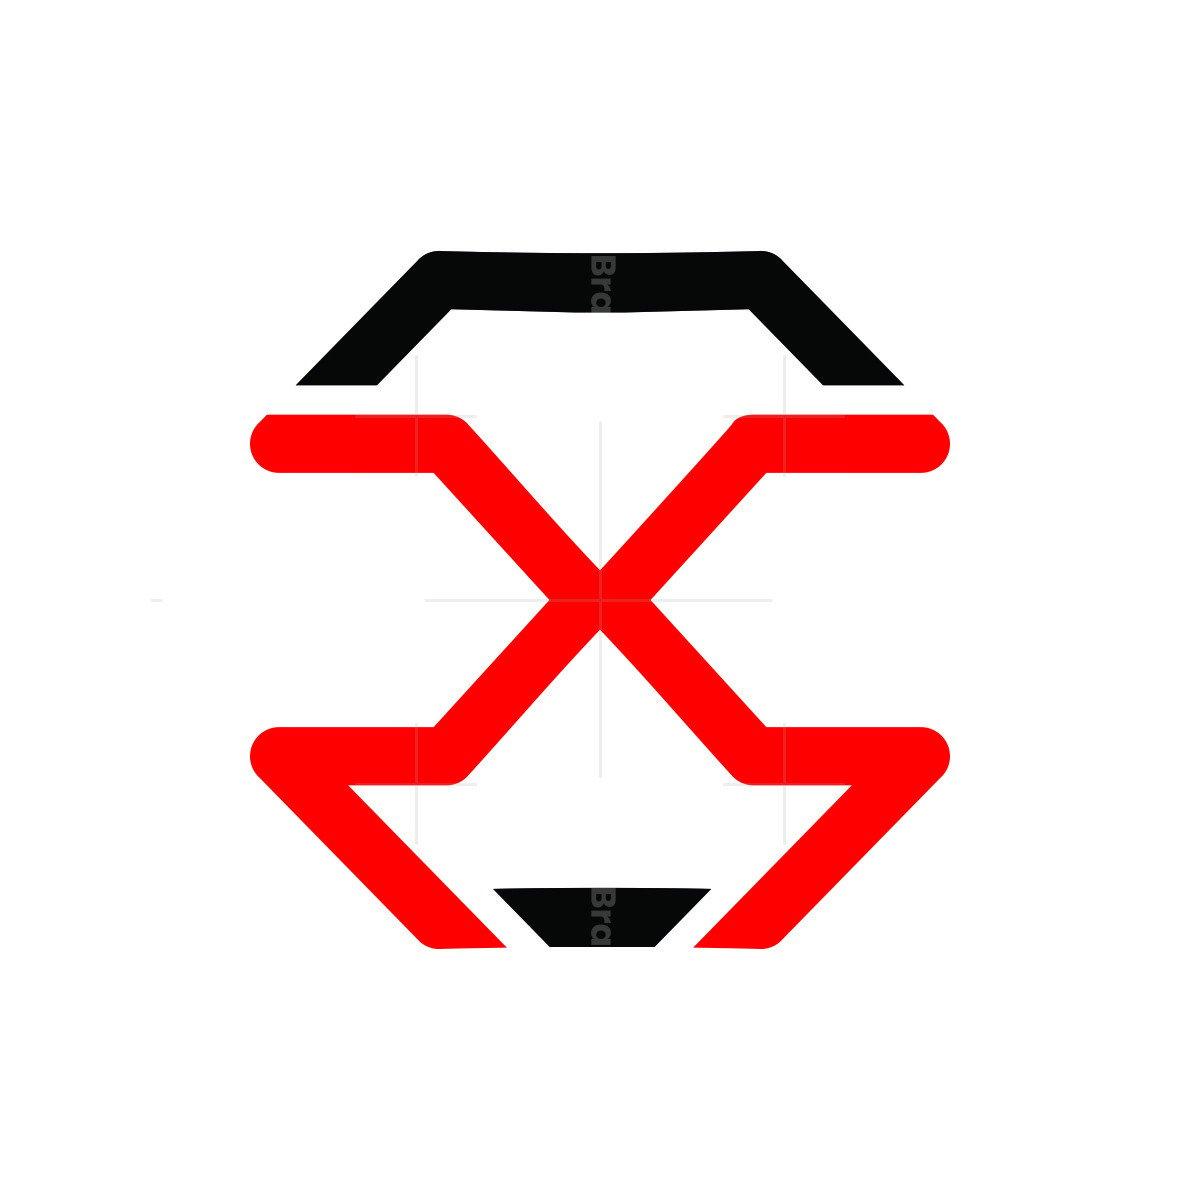 ps trendy letter logo